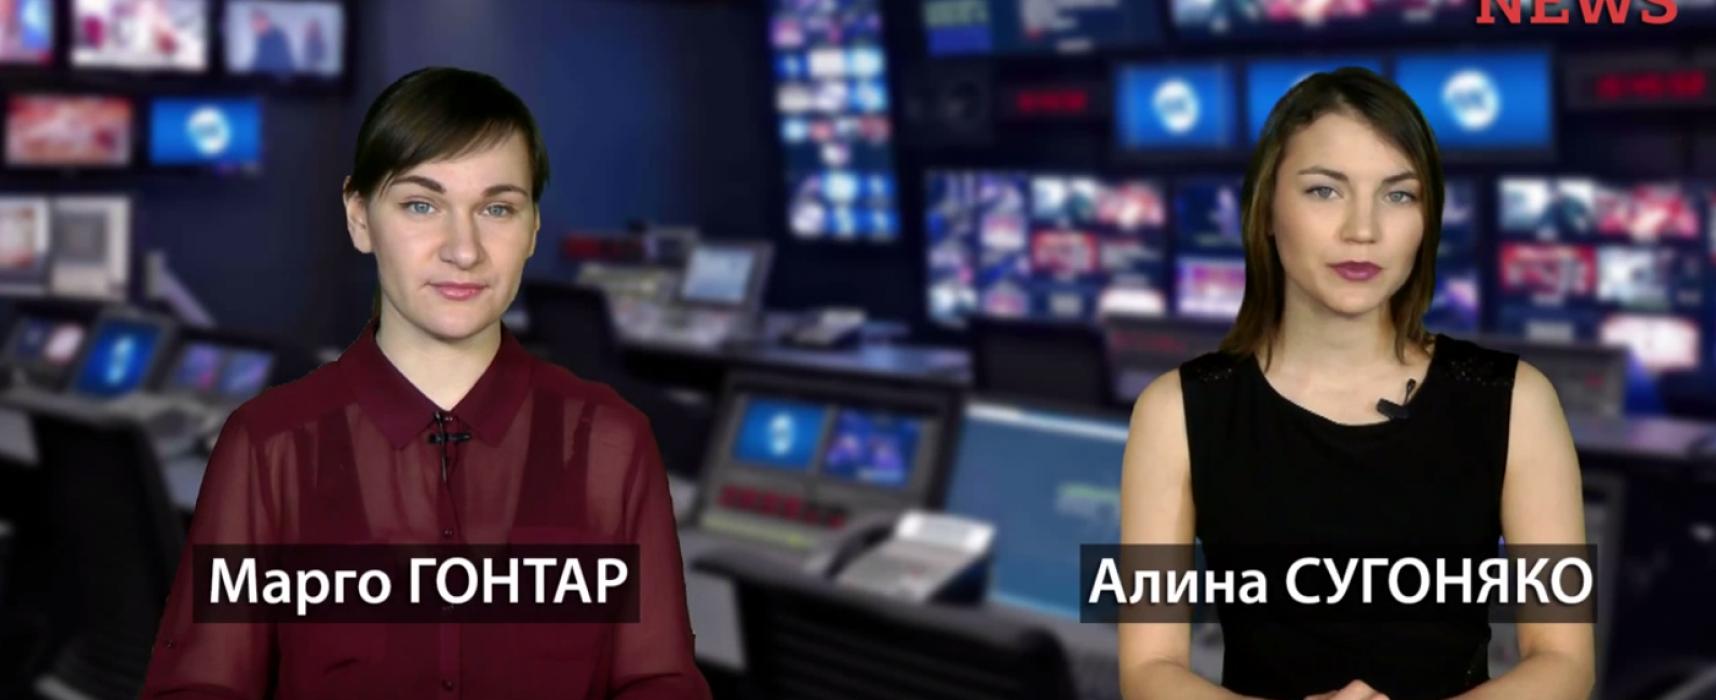 Видеодайджест StopFakeNews #51. Самые кровавые фейки об Украине